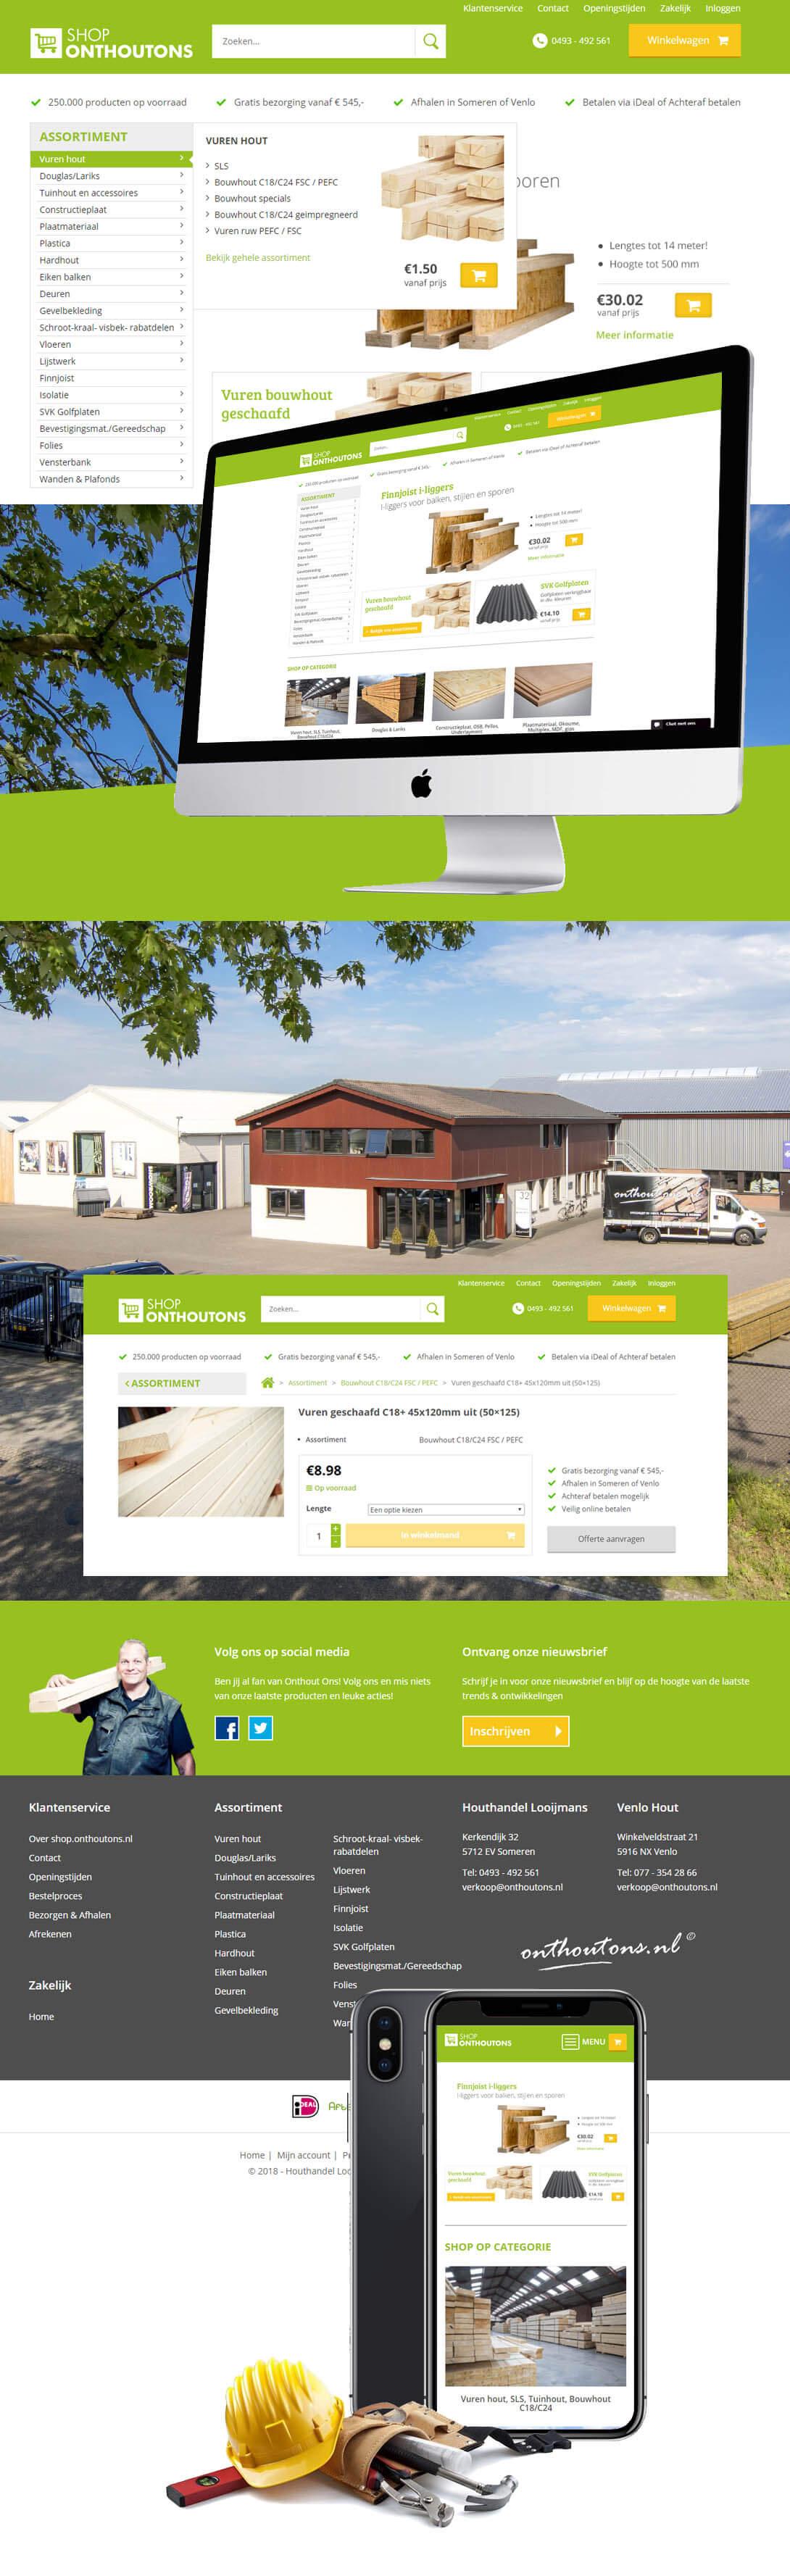 webshop-houthandel-onthoutons-looijmans-reclamebureau-internetbureau-website-maken-steenstramedia